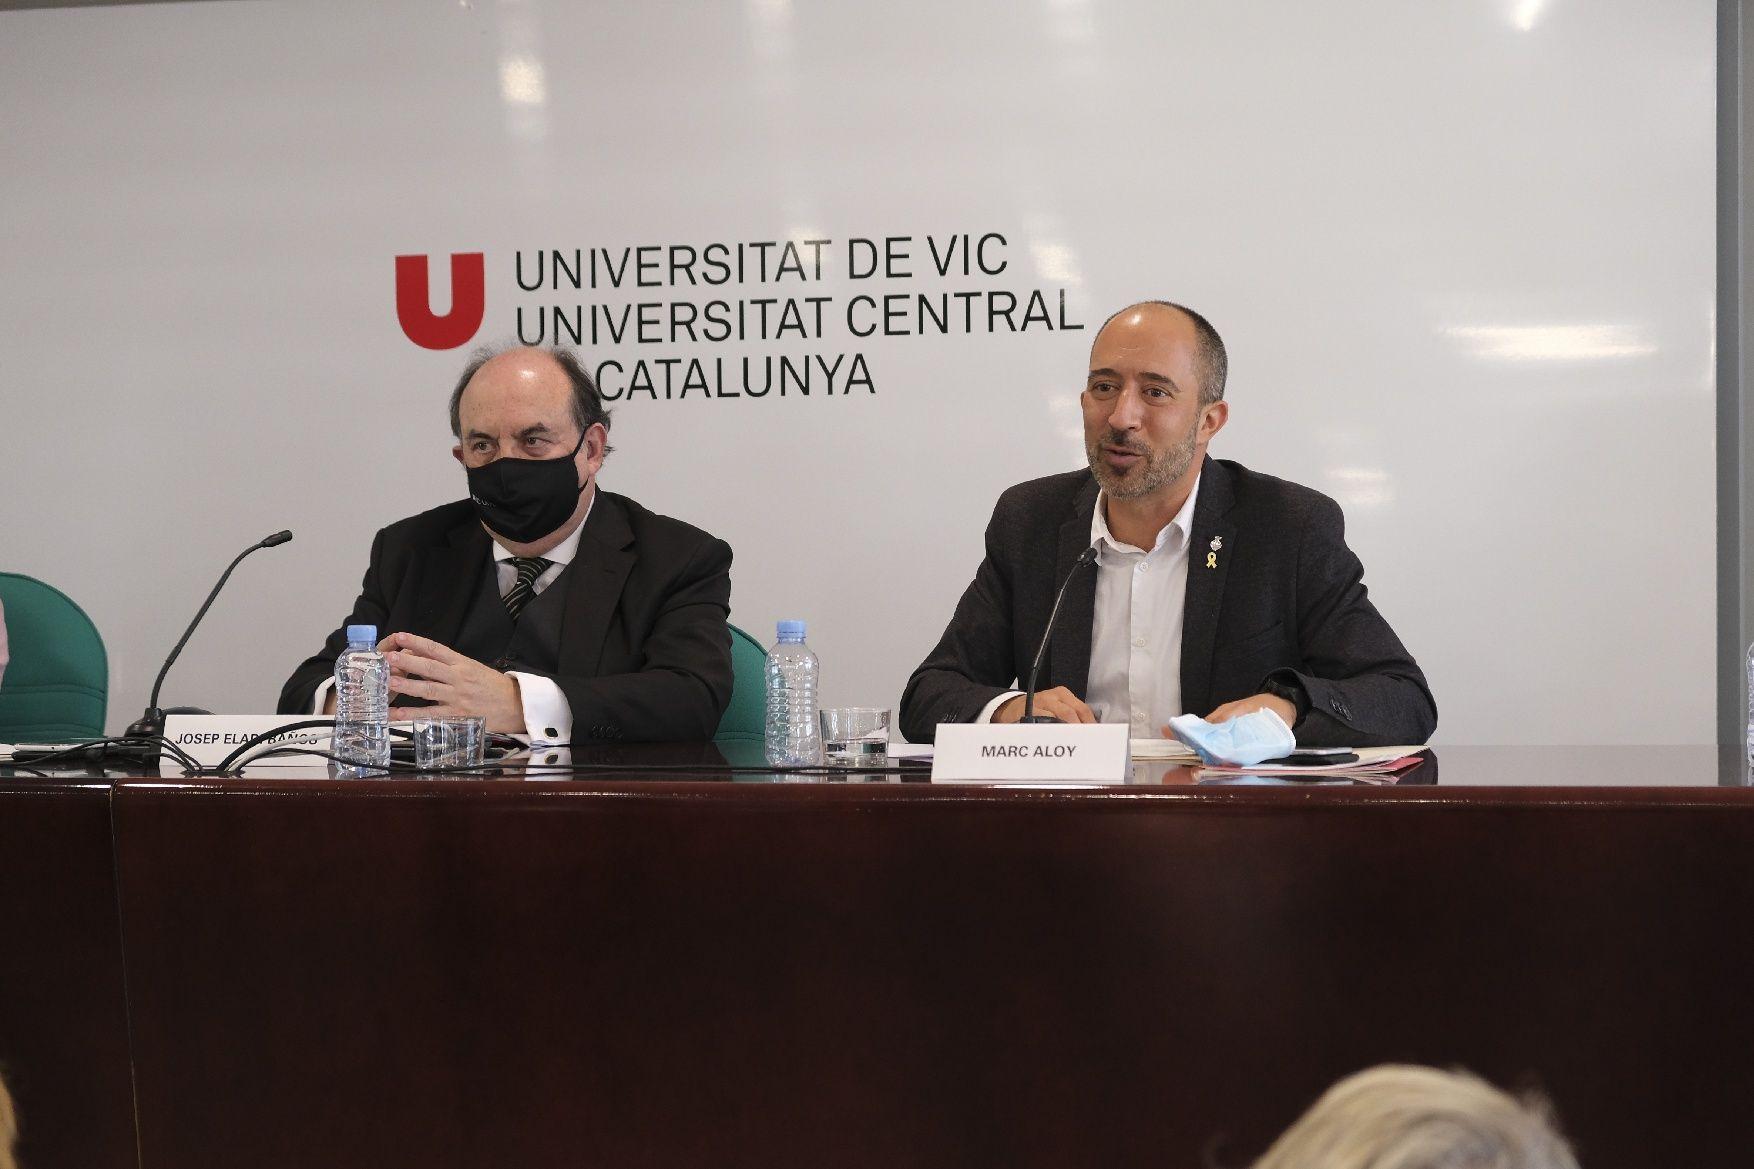 La inauguració del curs acadèmic 2021-22 de la UVic-UCC, en imatges